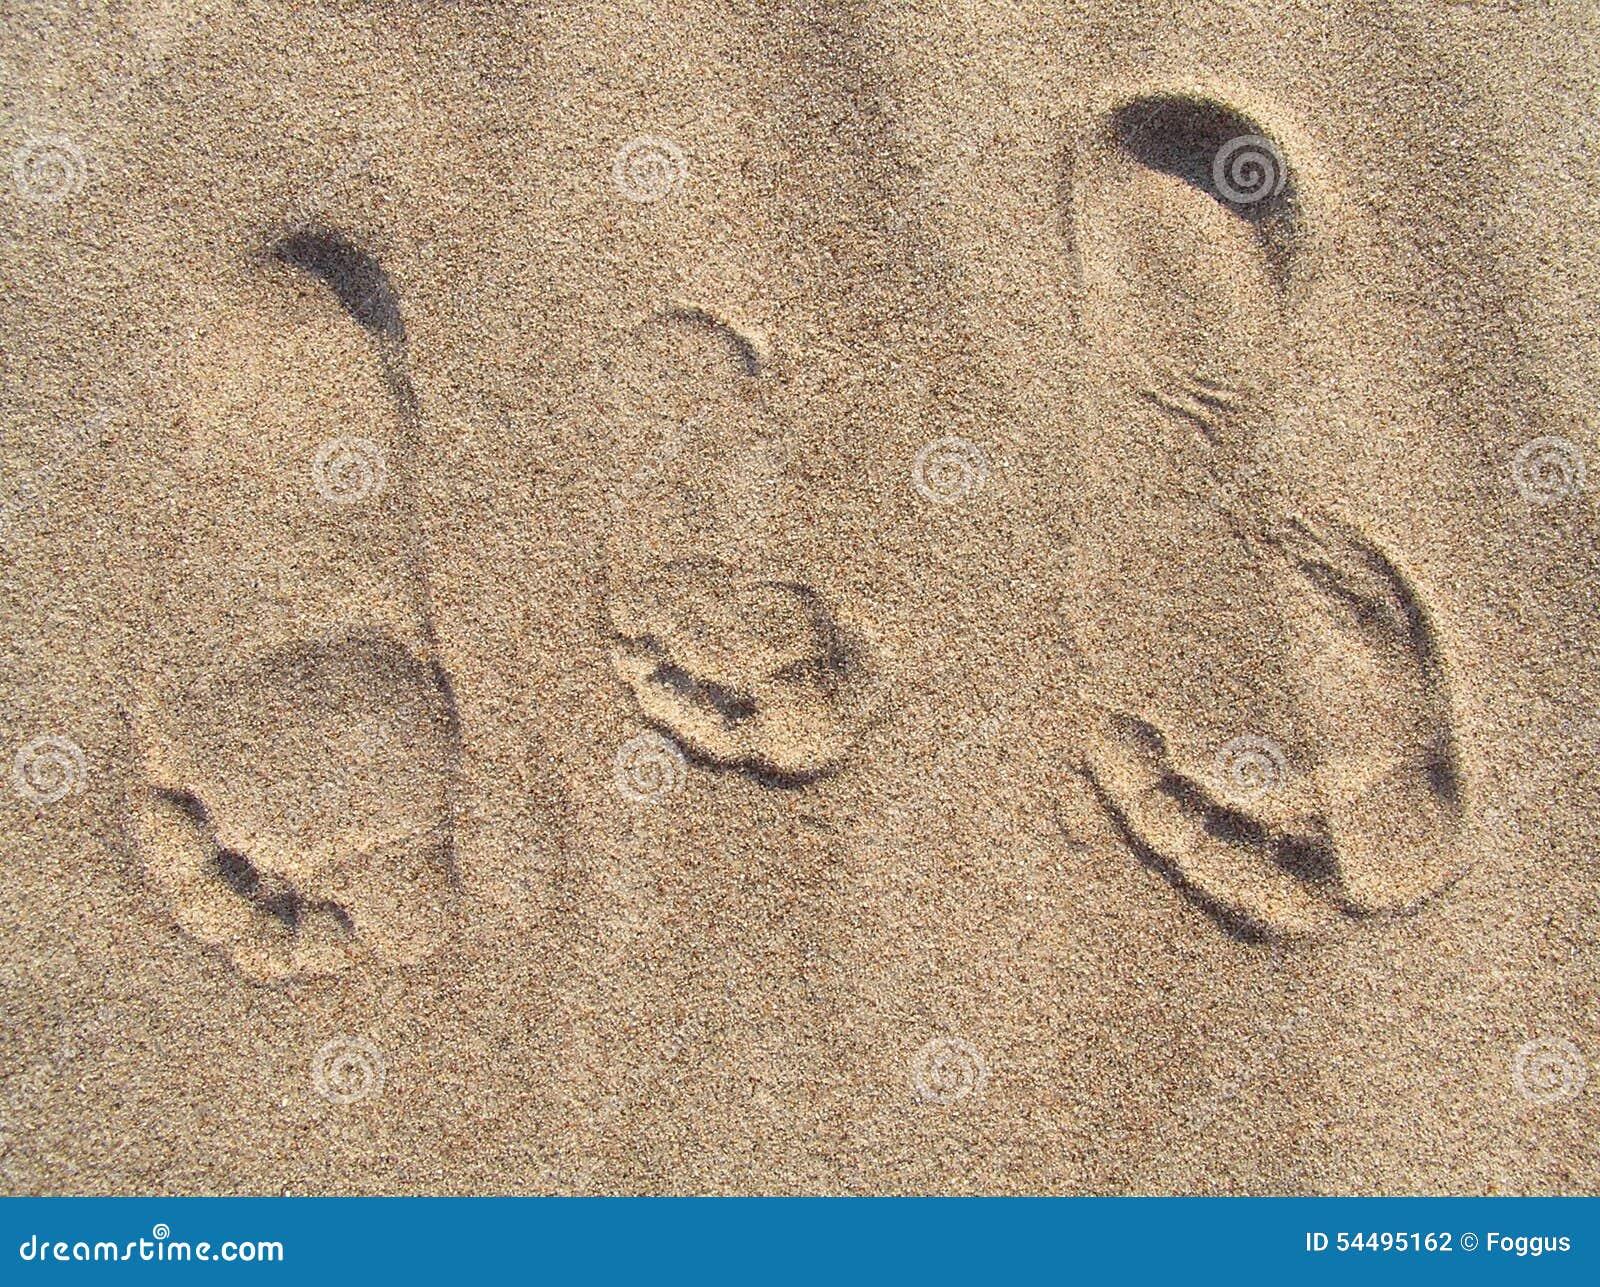 Familieportret in het zand